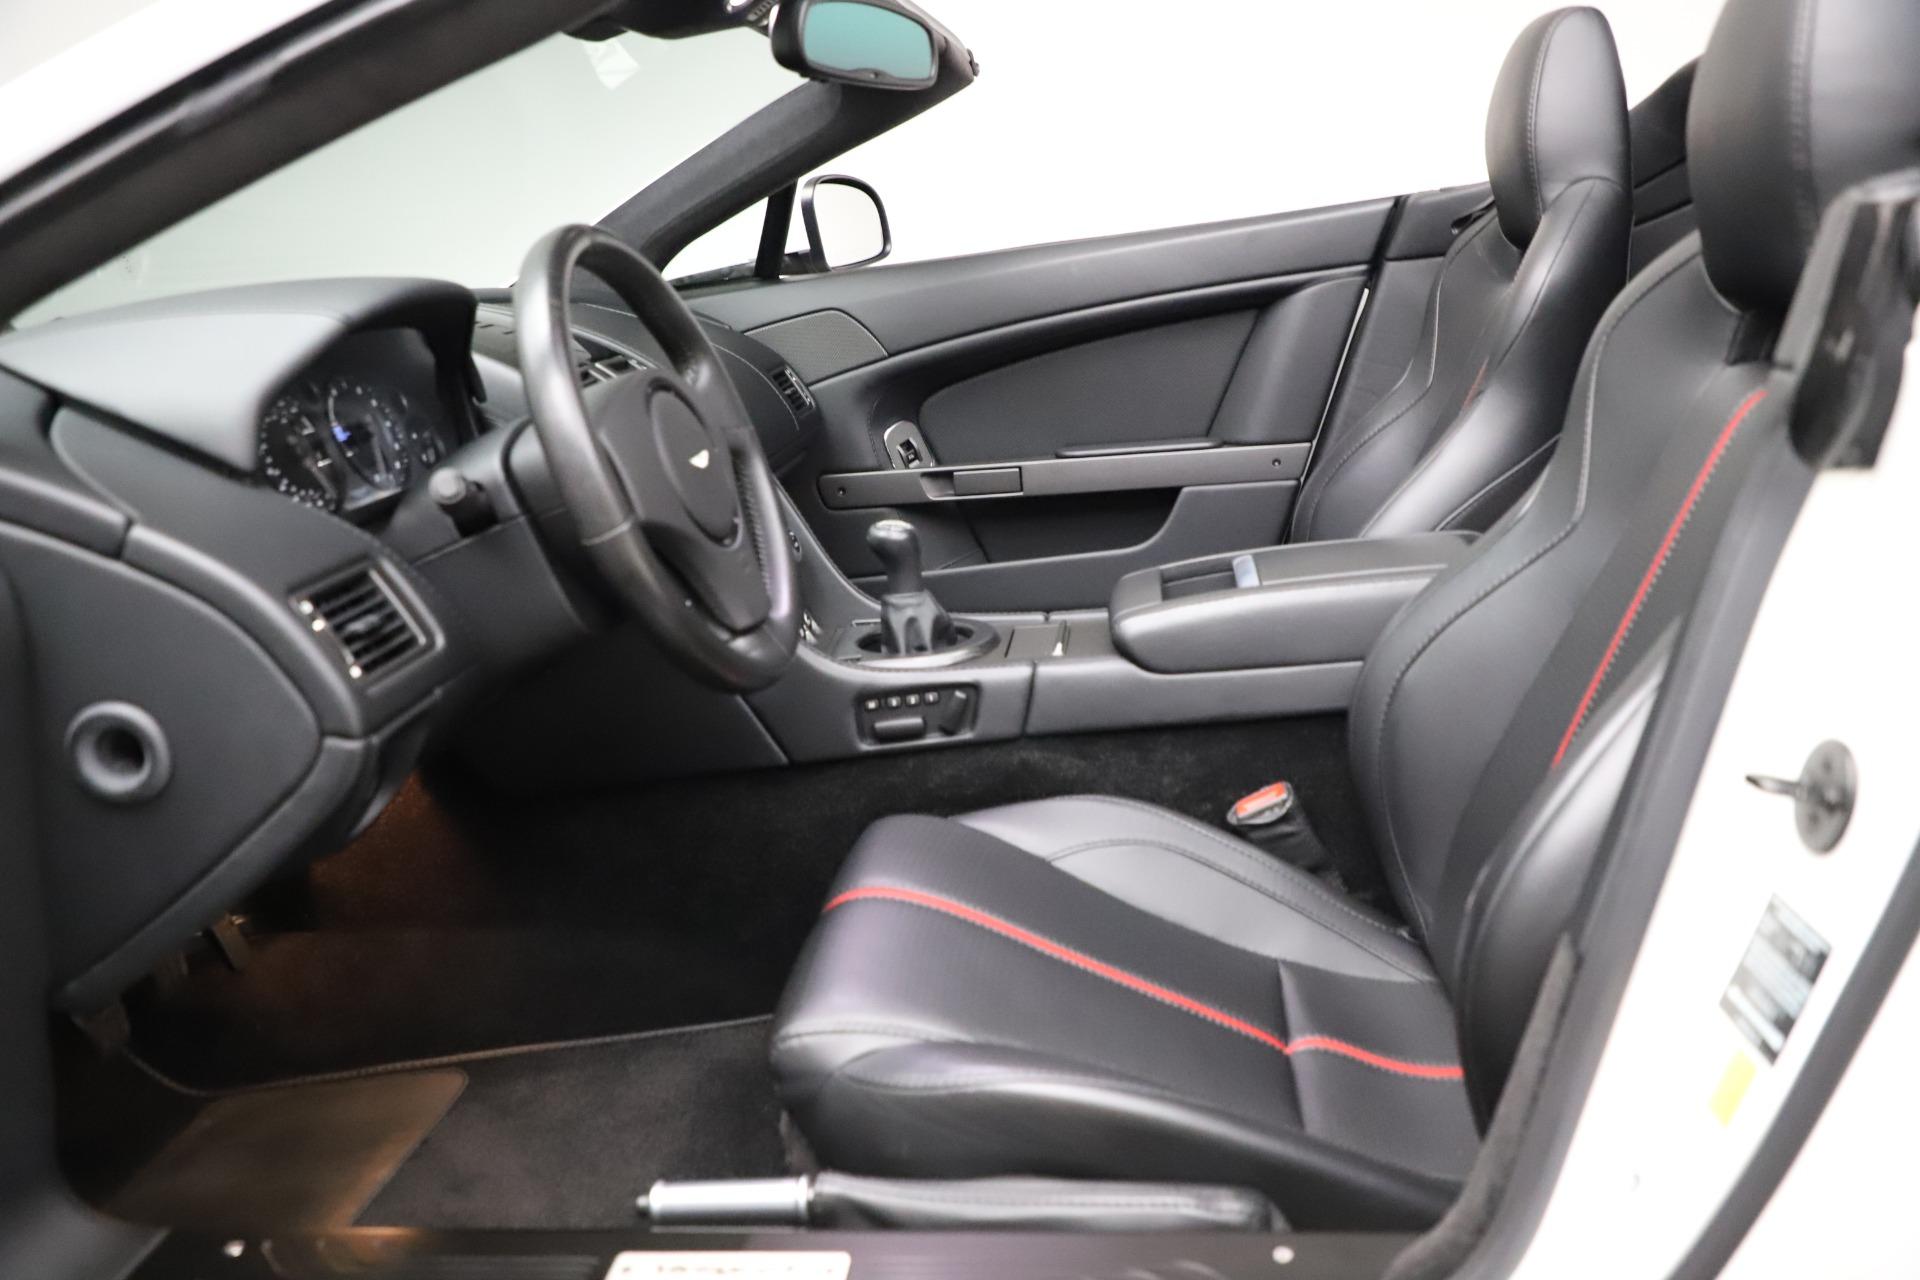 New 2015 Aston Martin Vantage GT GT Roadster For Sale In Westport, CT 93_p15